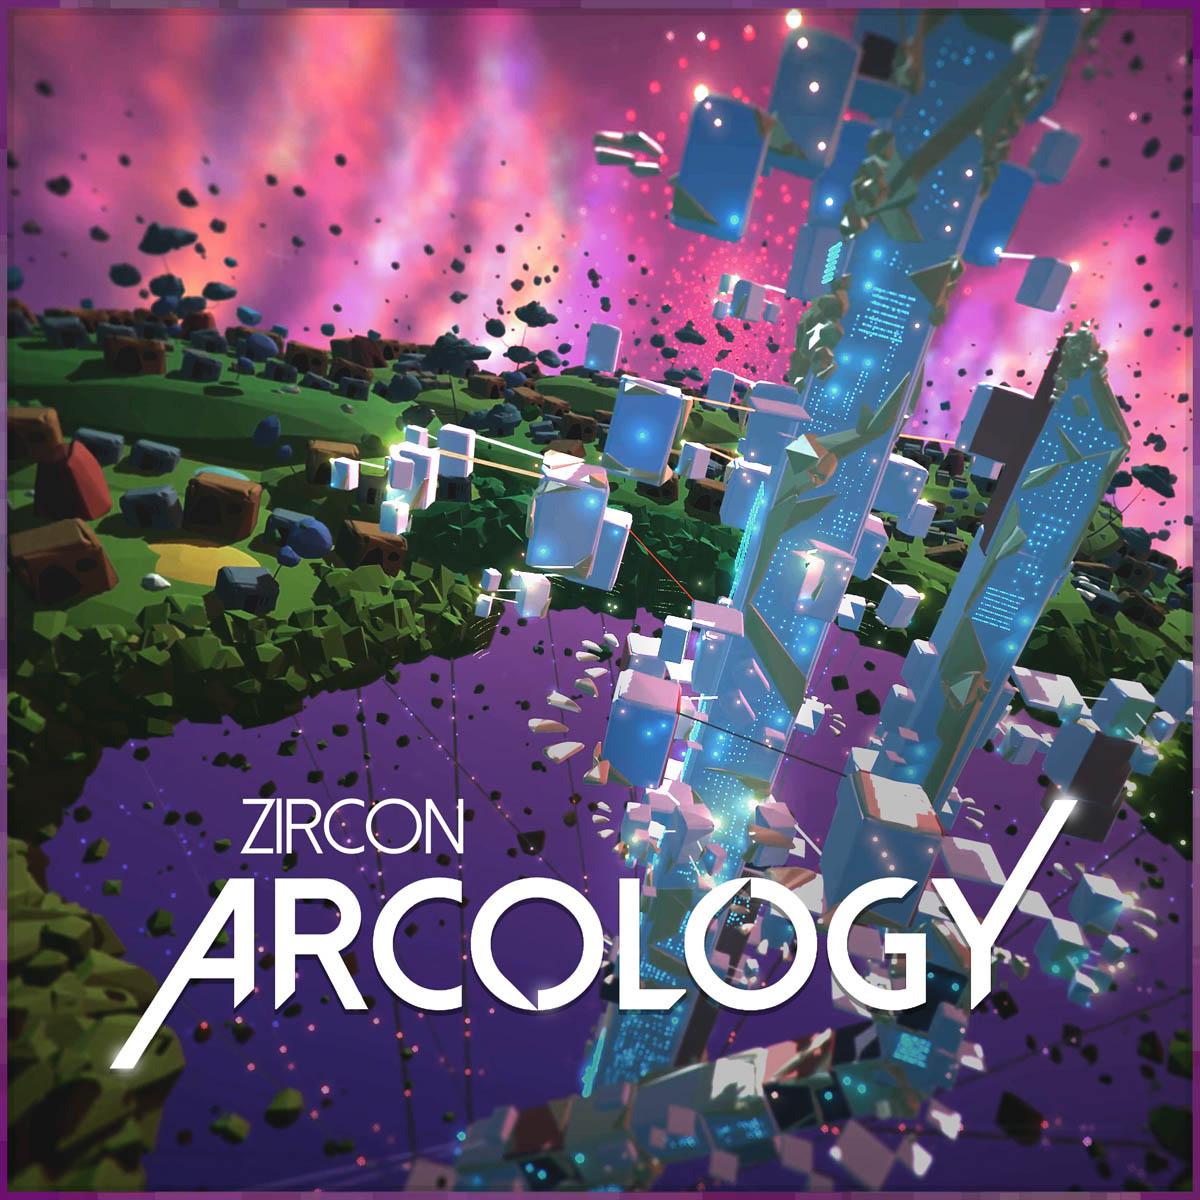 Zircon Arcology Andrew Aversa Remix Tilt Brush VR cover